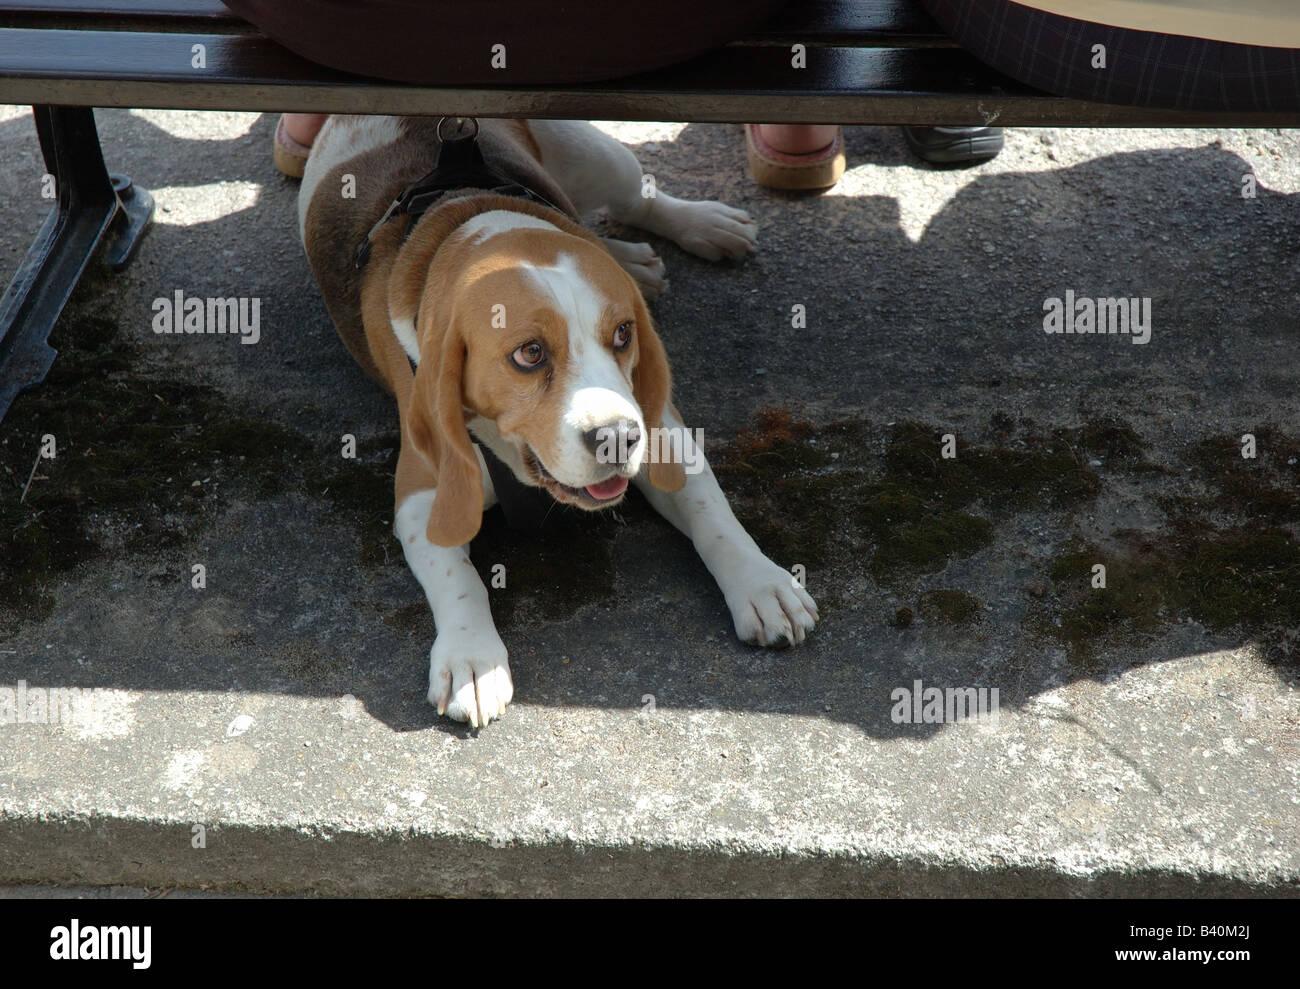 dog tied, England, UK - Stock Image